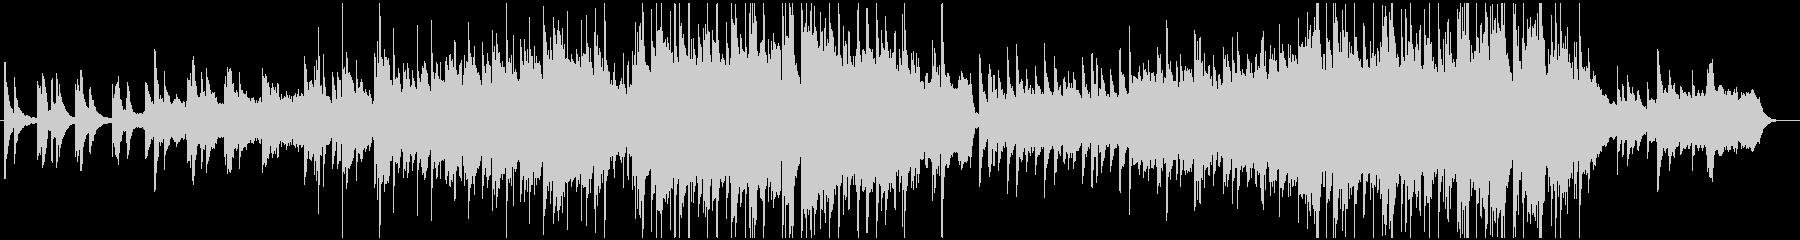 ピアノと弦楽器の感動バラードの未再生の波形